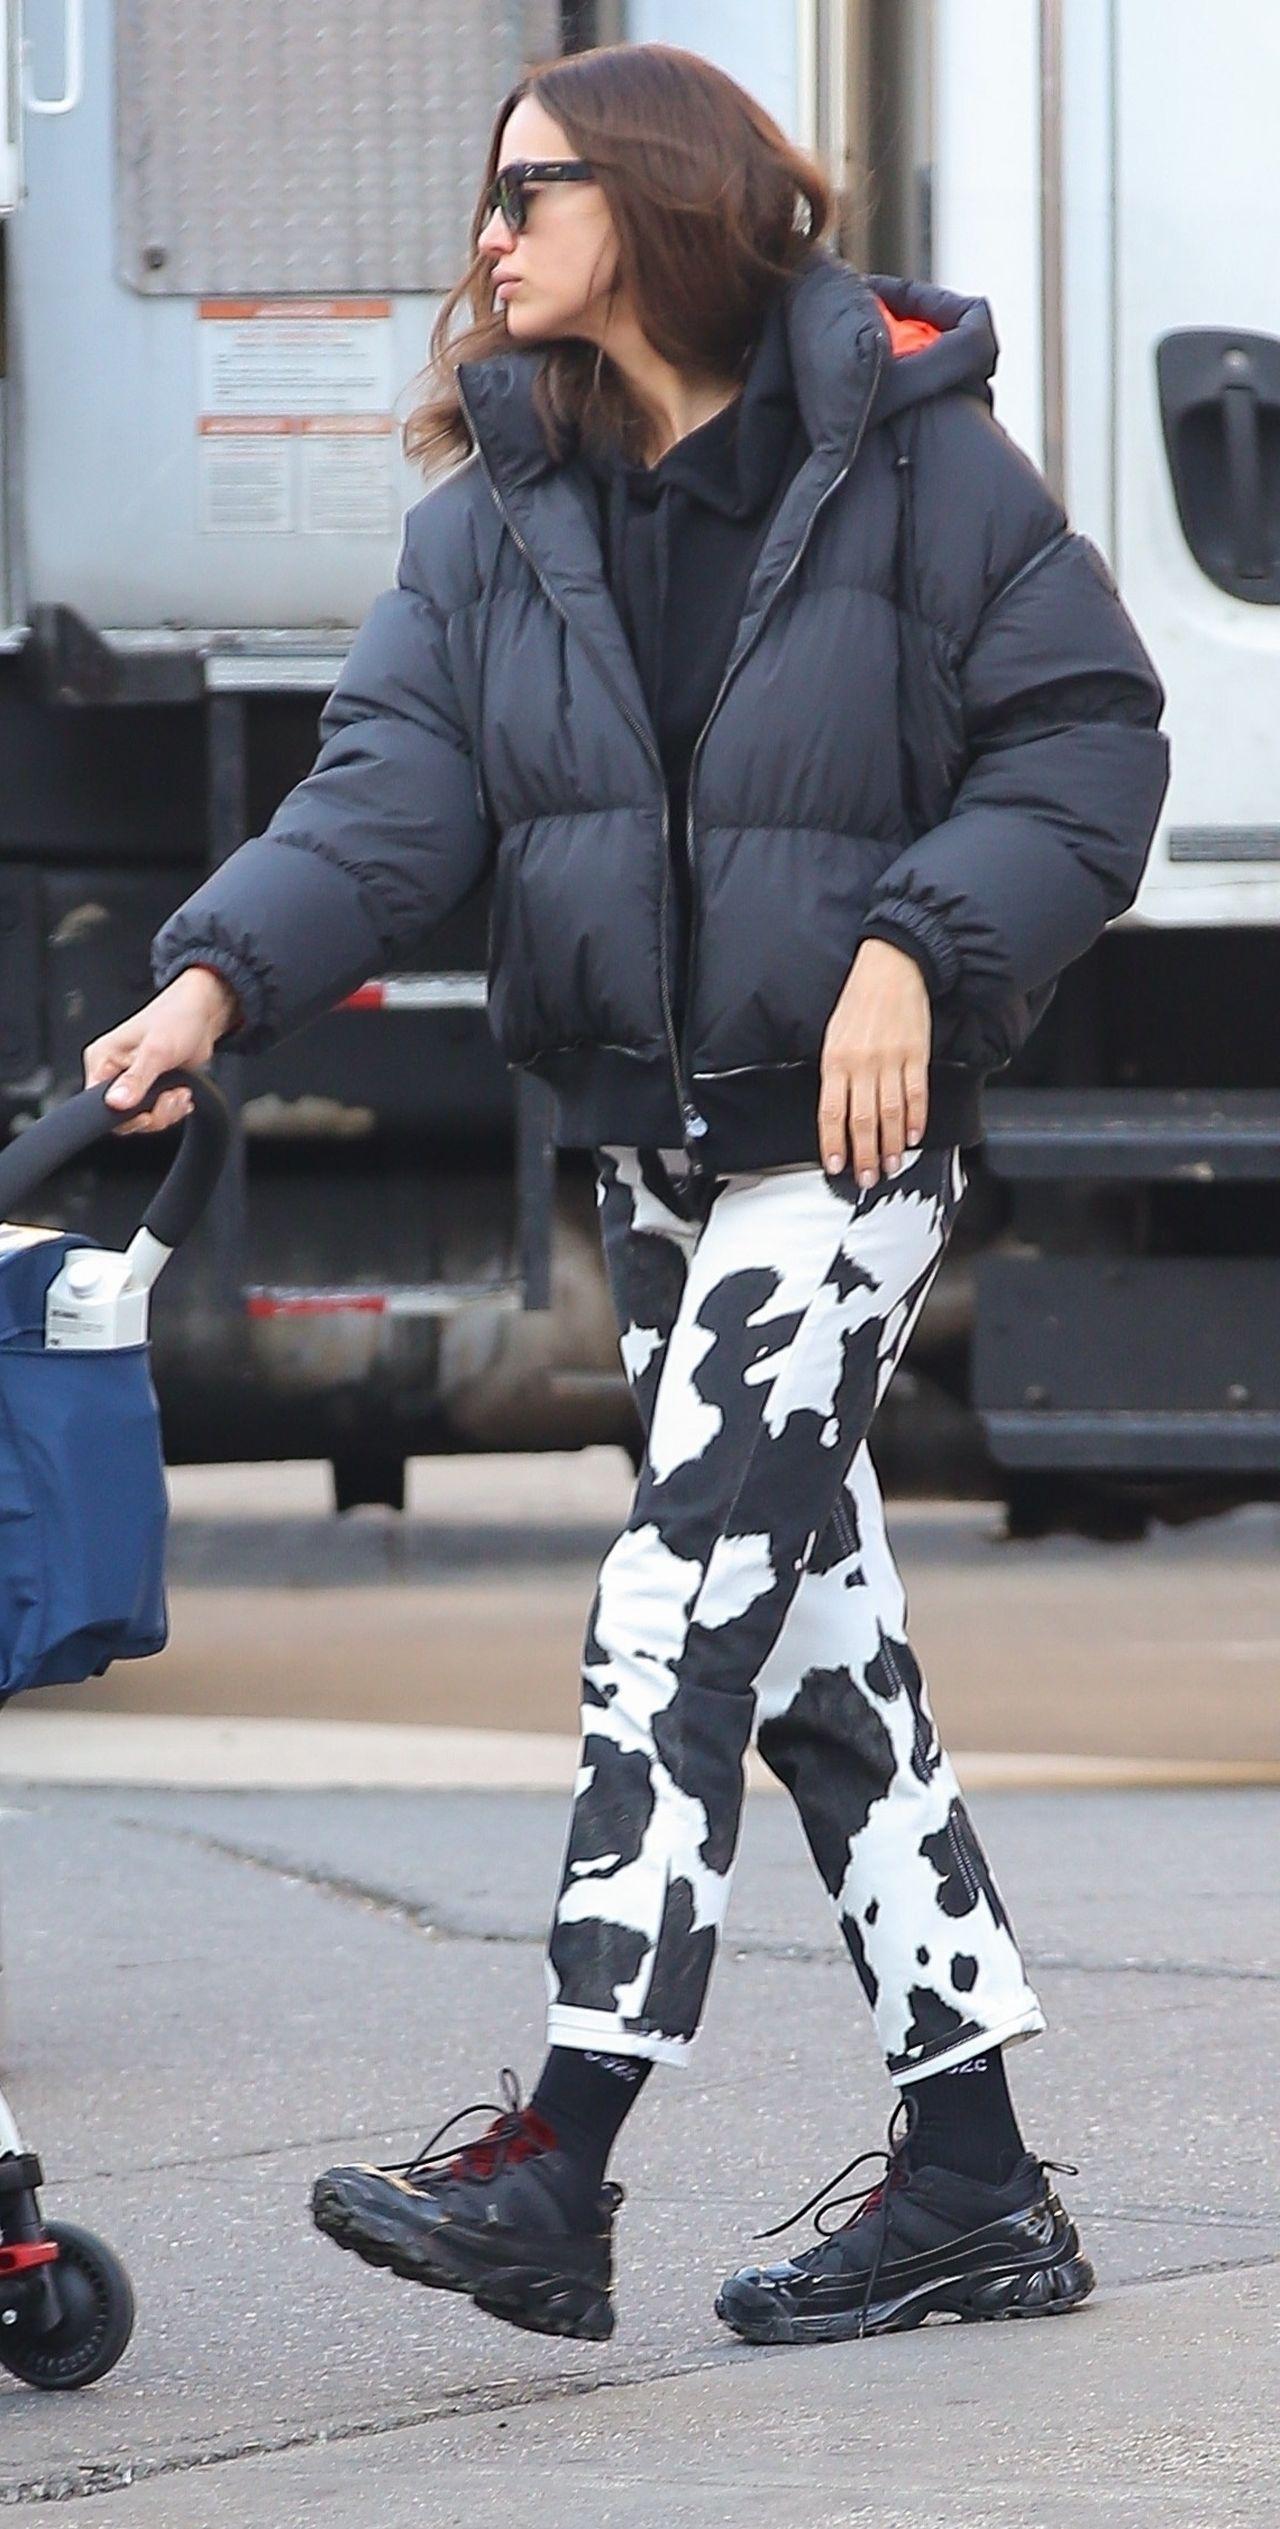 Irina Shayk w spodniach w czarno-białe łaty i kurtce puchówce